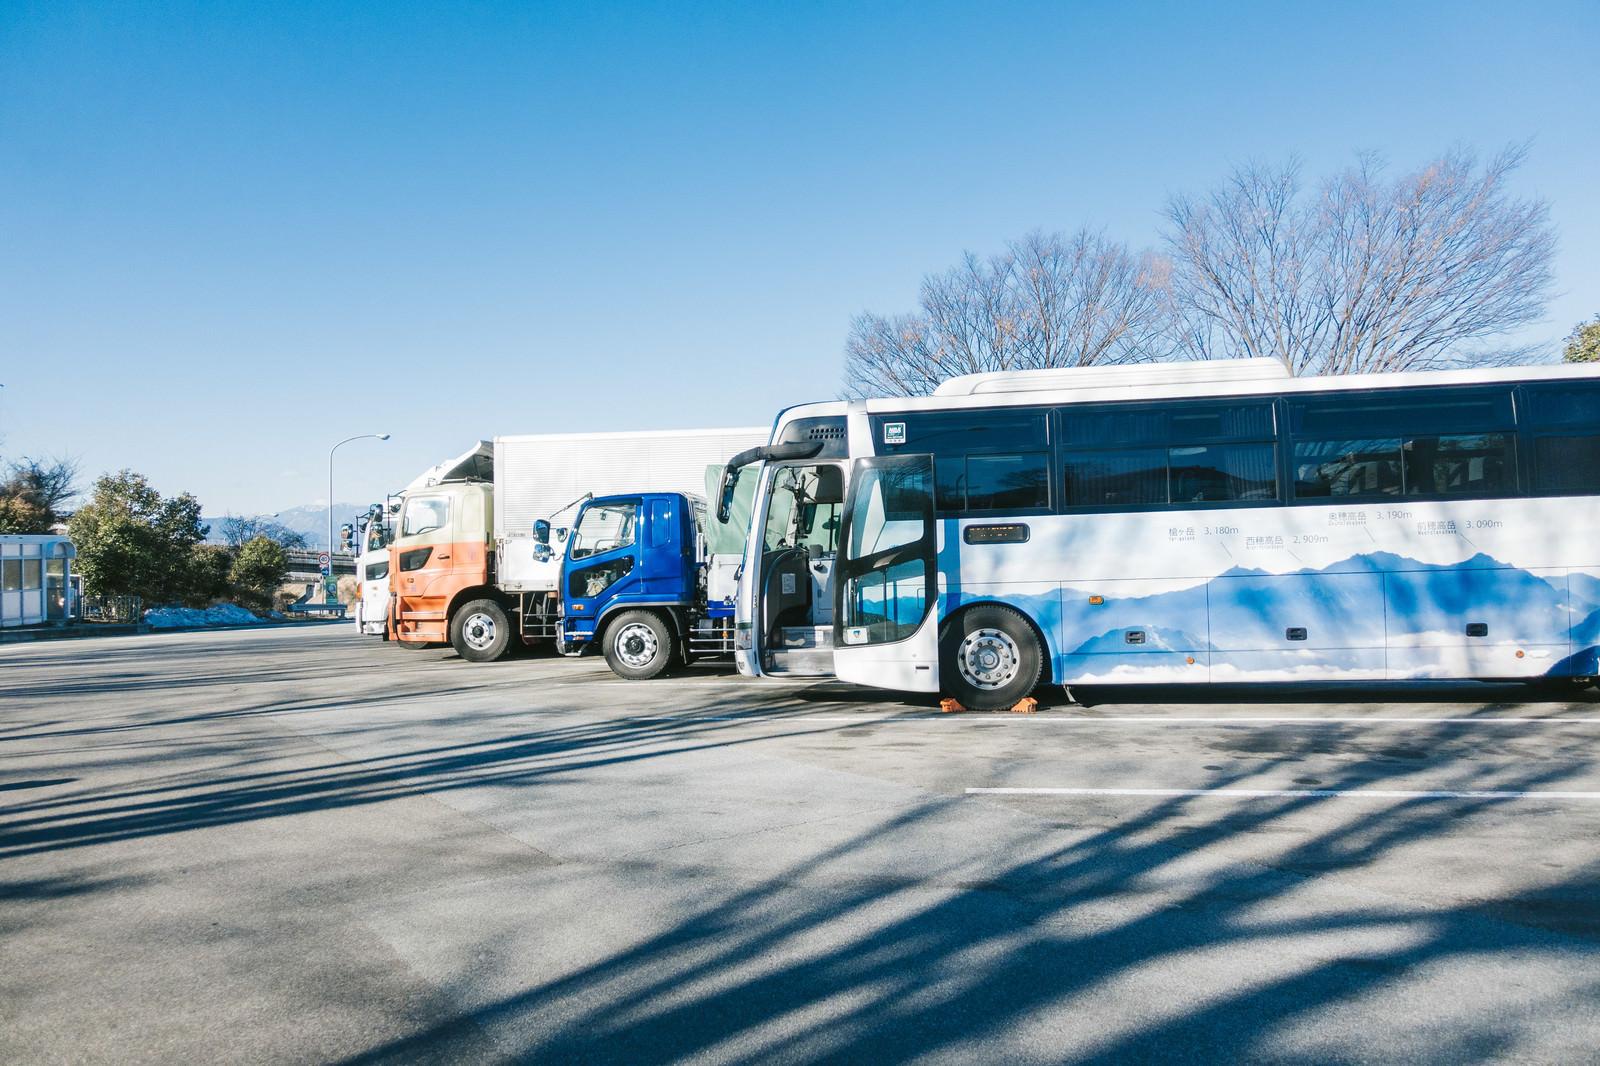 「高速のパーキングに停車中のバスと大型トラック高速のパーキングに停車中のバスと大型トラック」のフリー写真素材を拡大